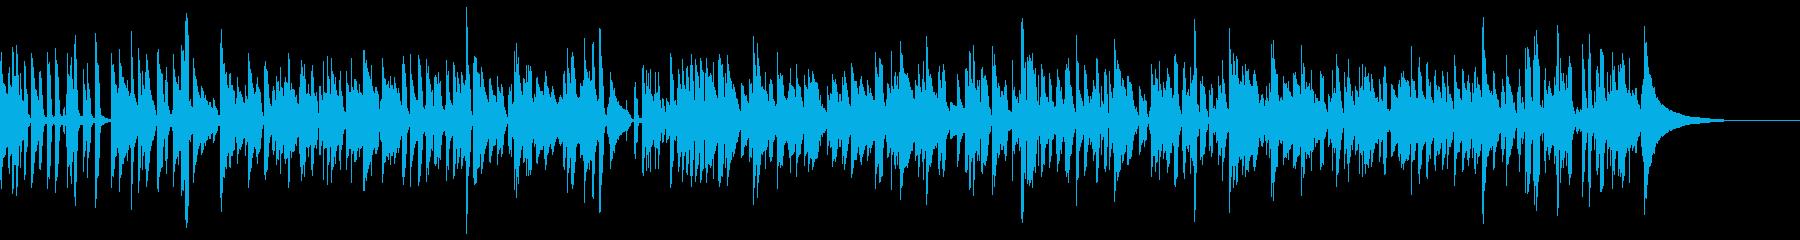 爽やかなボサノバのミディアムナンバーの再生済みの波形